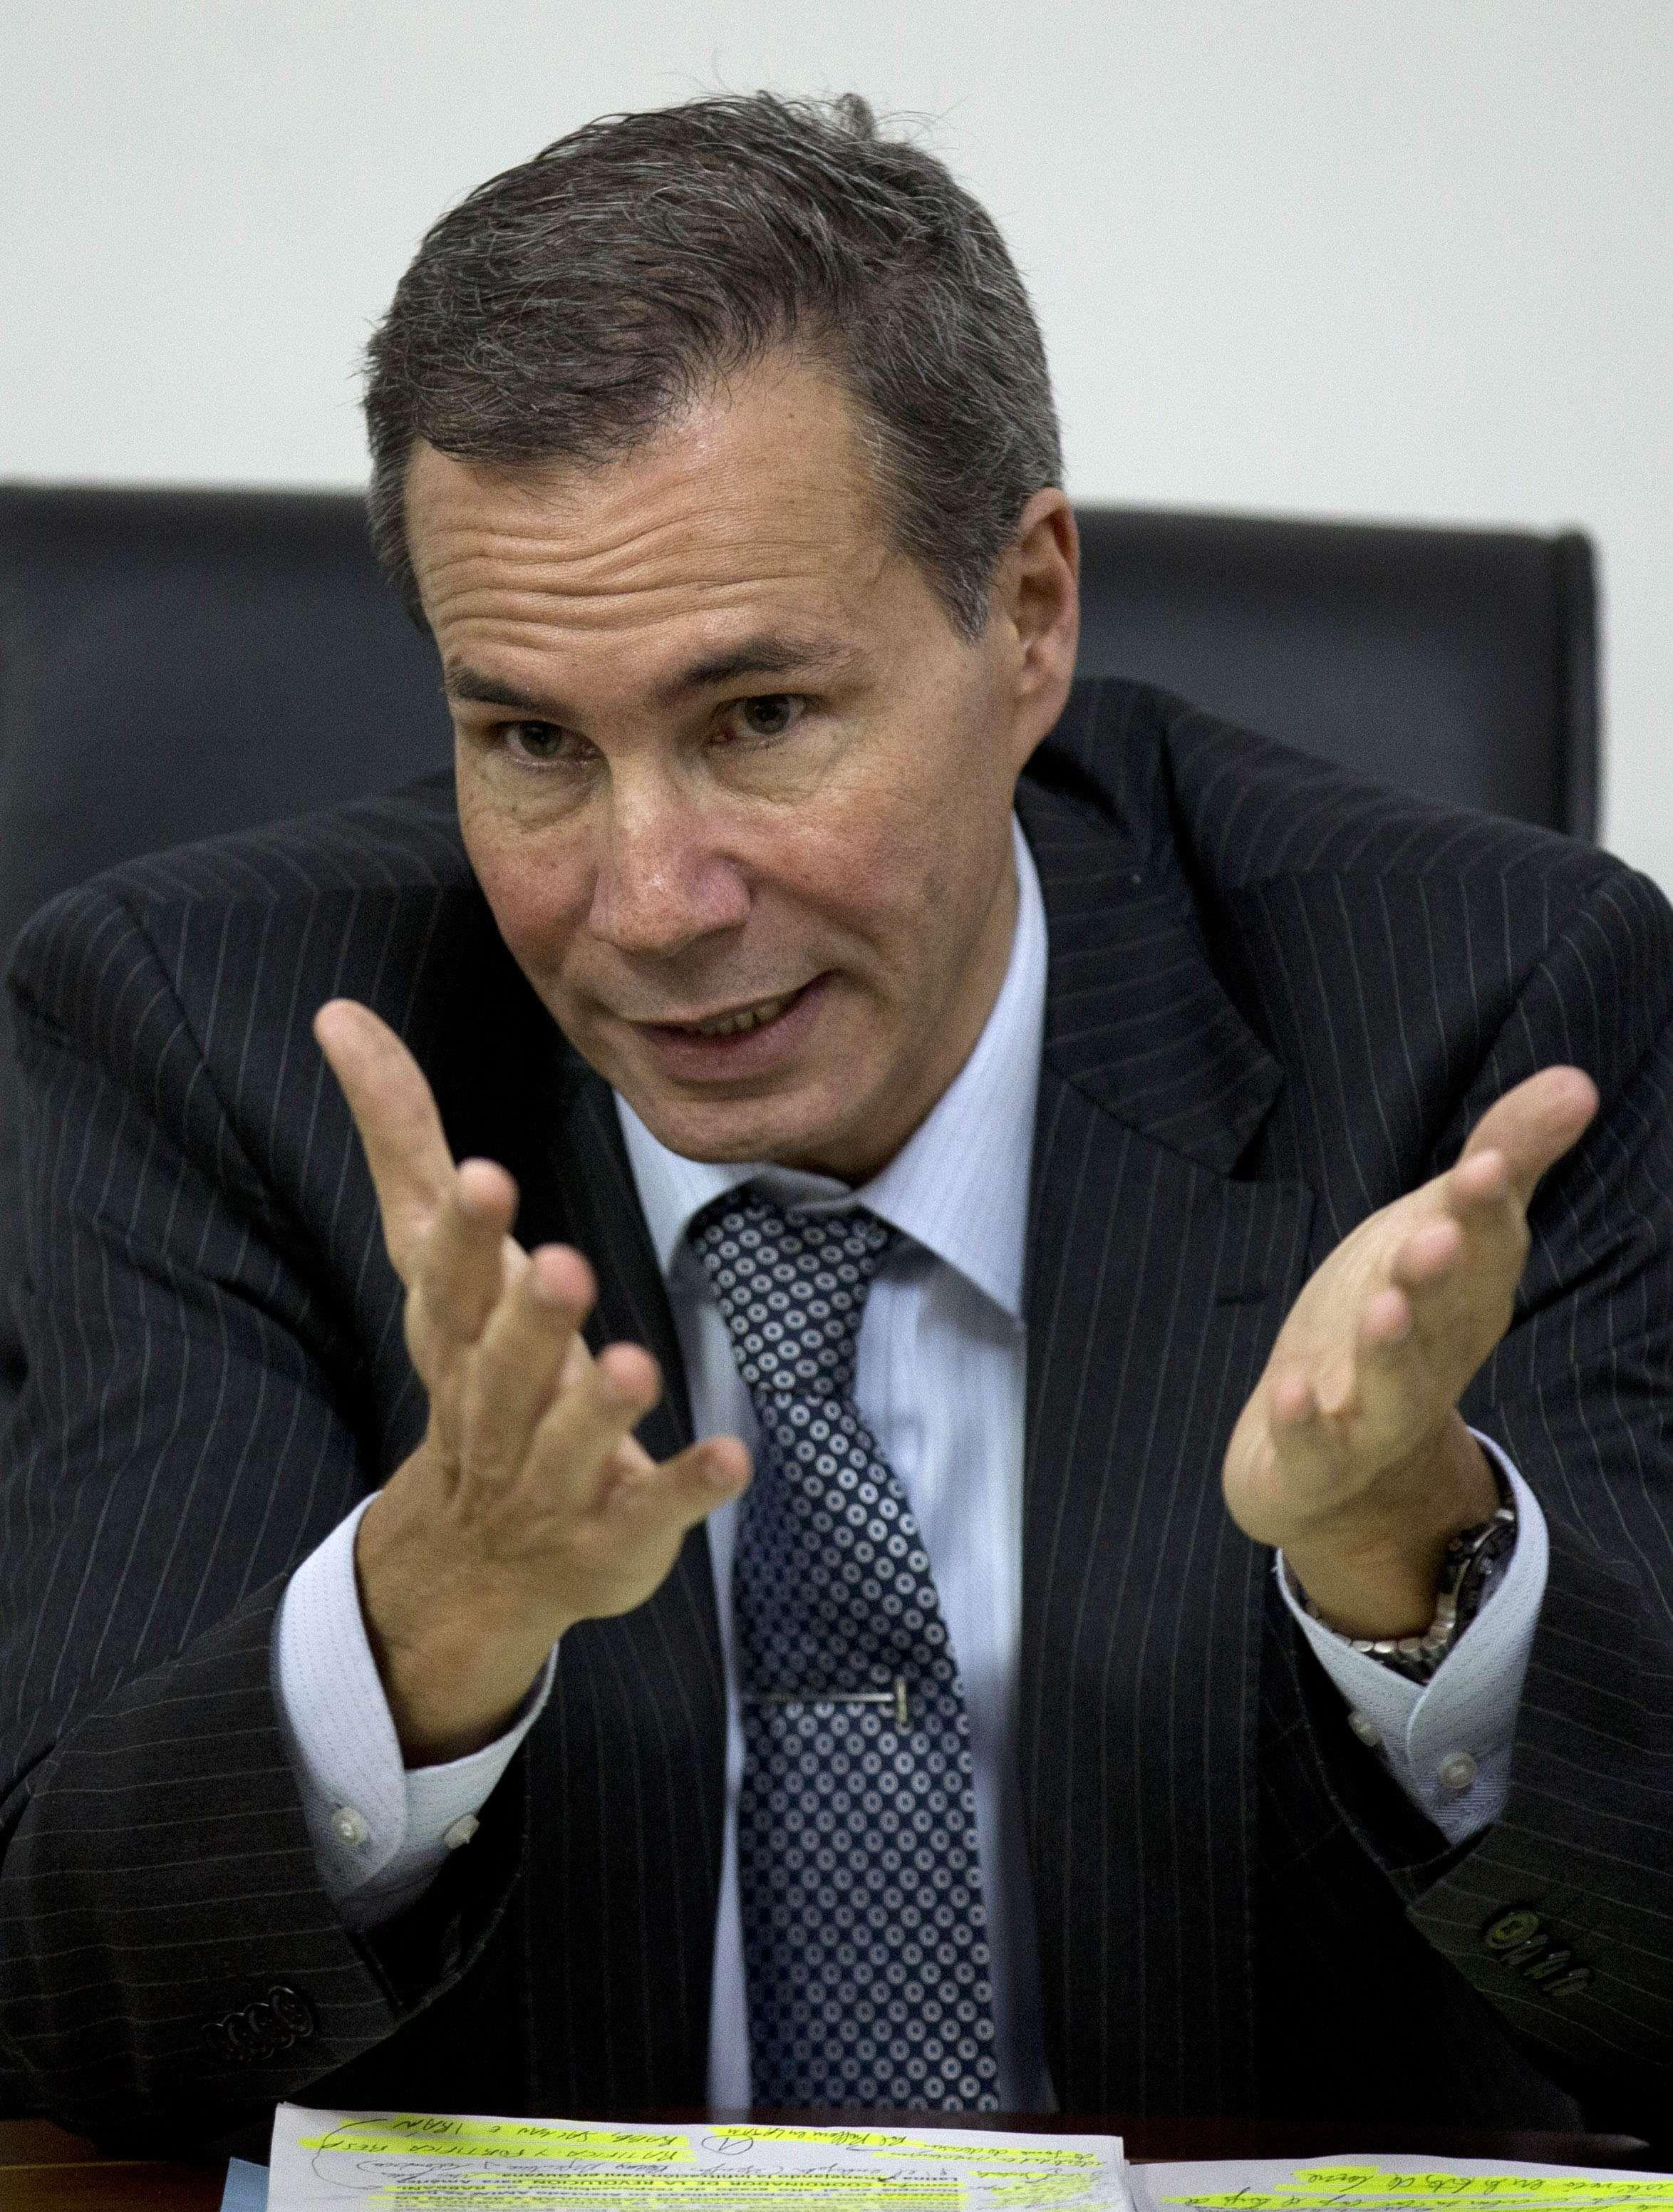 Alberto Nisman, el fiscal encargado de investigar el ataque con bomba de 1994 a una mutual judía, habla con periodistas en Buenos Aires Foto: AP en español